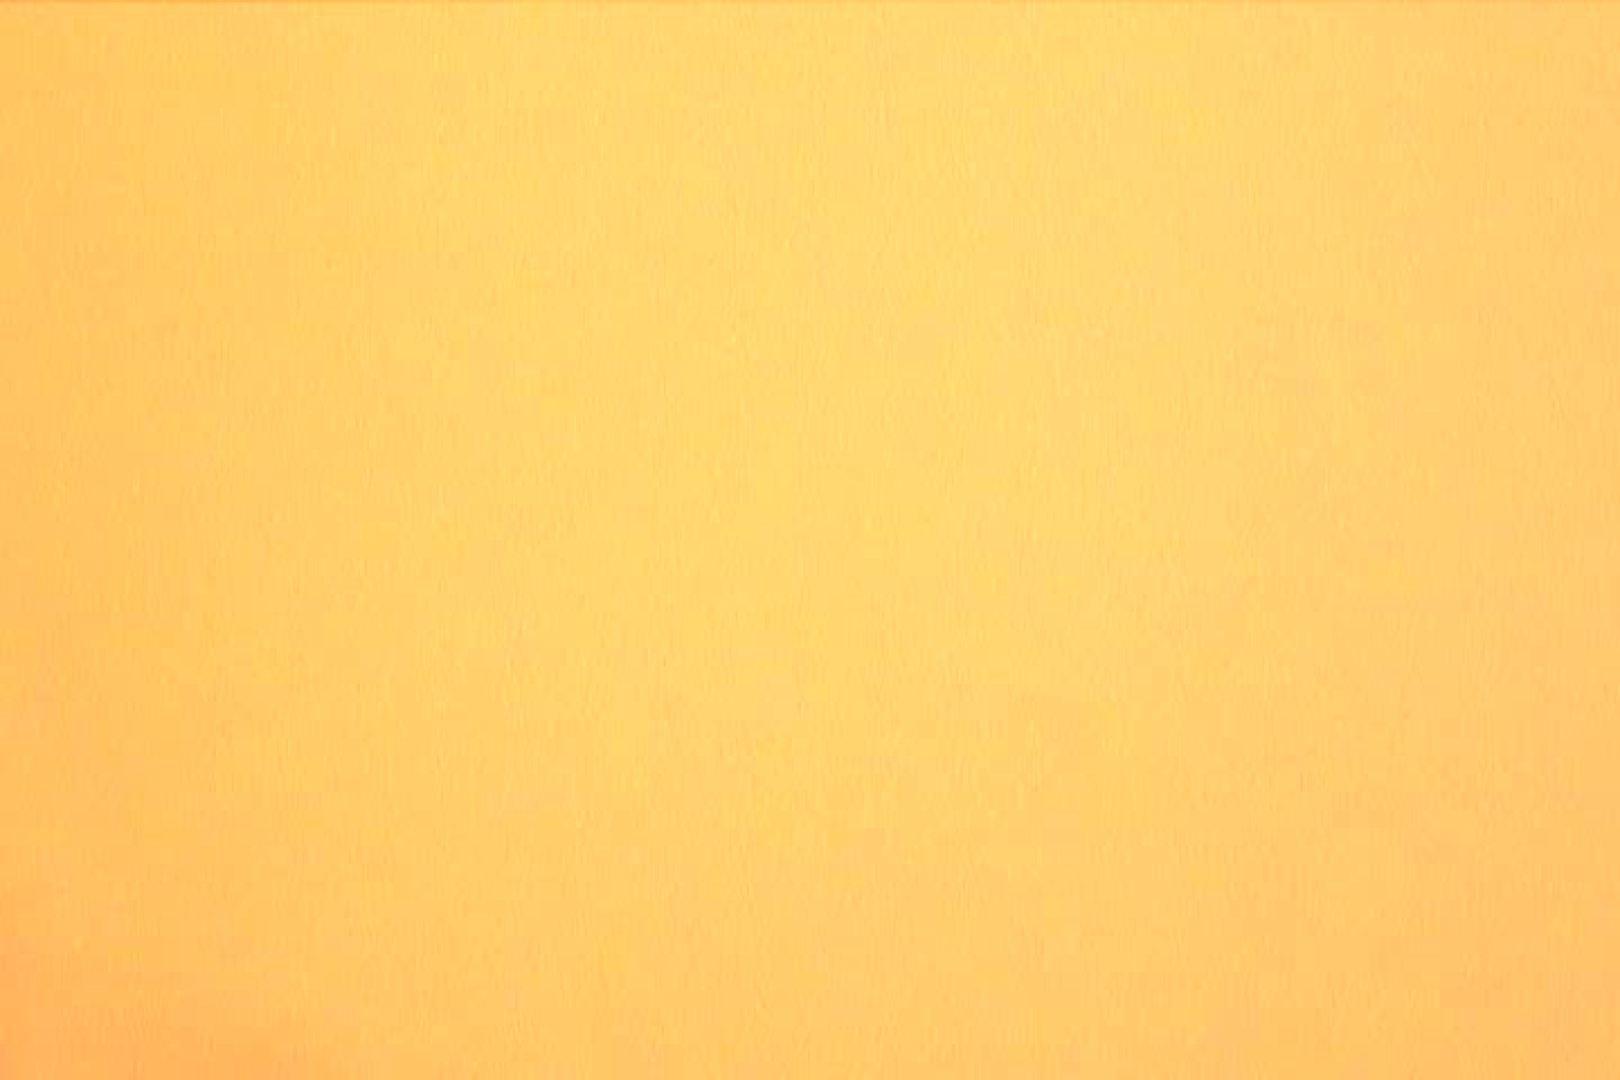 マンコ丸見え女子洗面所Vol.38 OLエロ画像 盗撮ヌード画像 100PICs 16